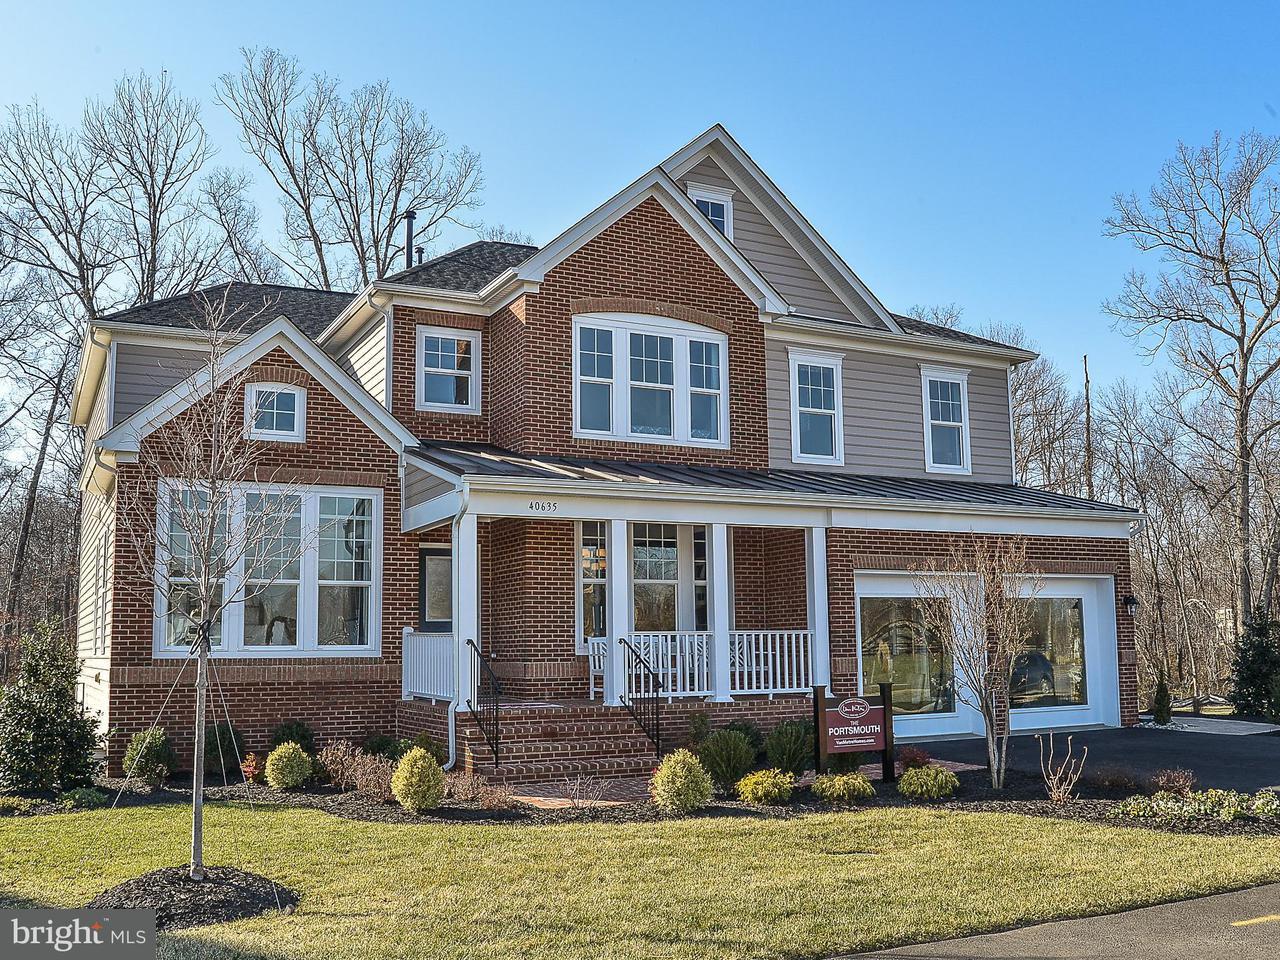 Maison unifamiliale pour l Vente à 42302 Stonemont Cir E 42302 Stonemont Cir E Brambleton, Virginia 20148 États-Unis